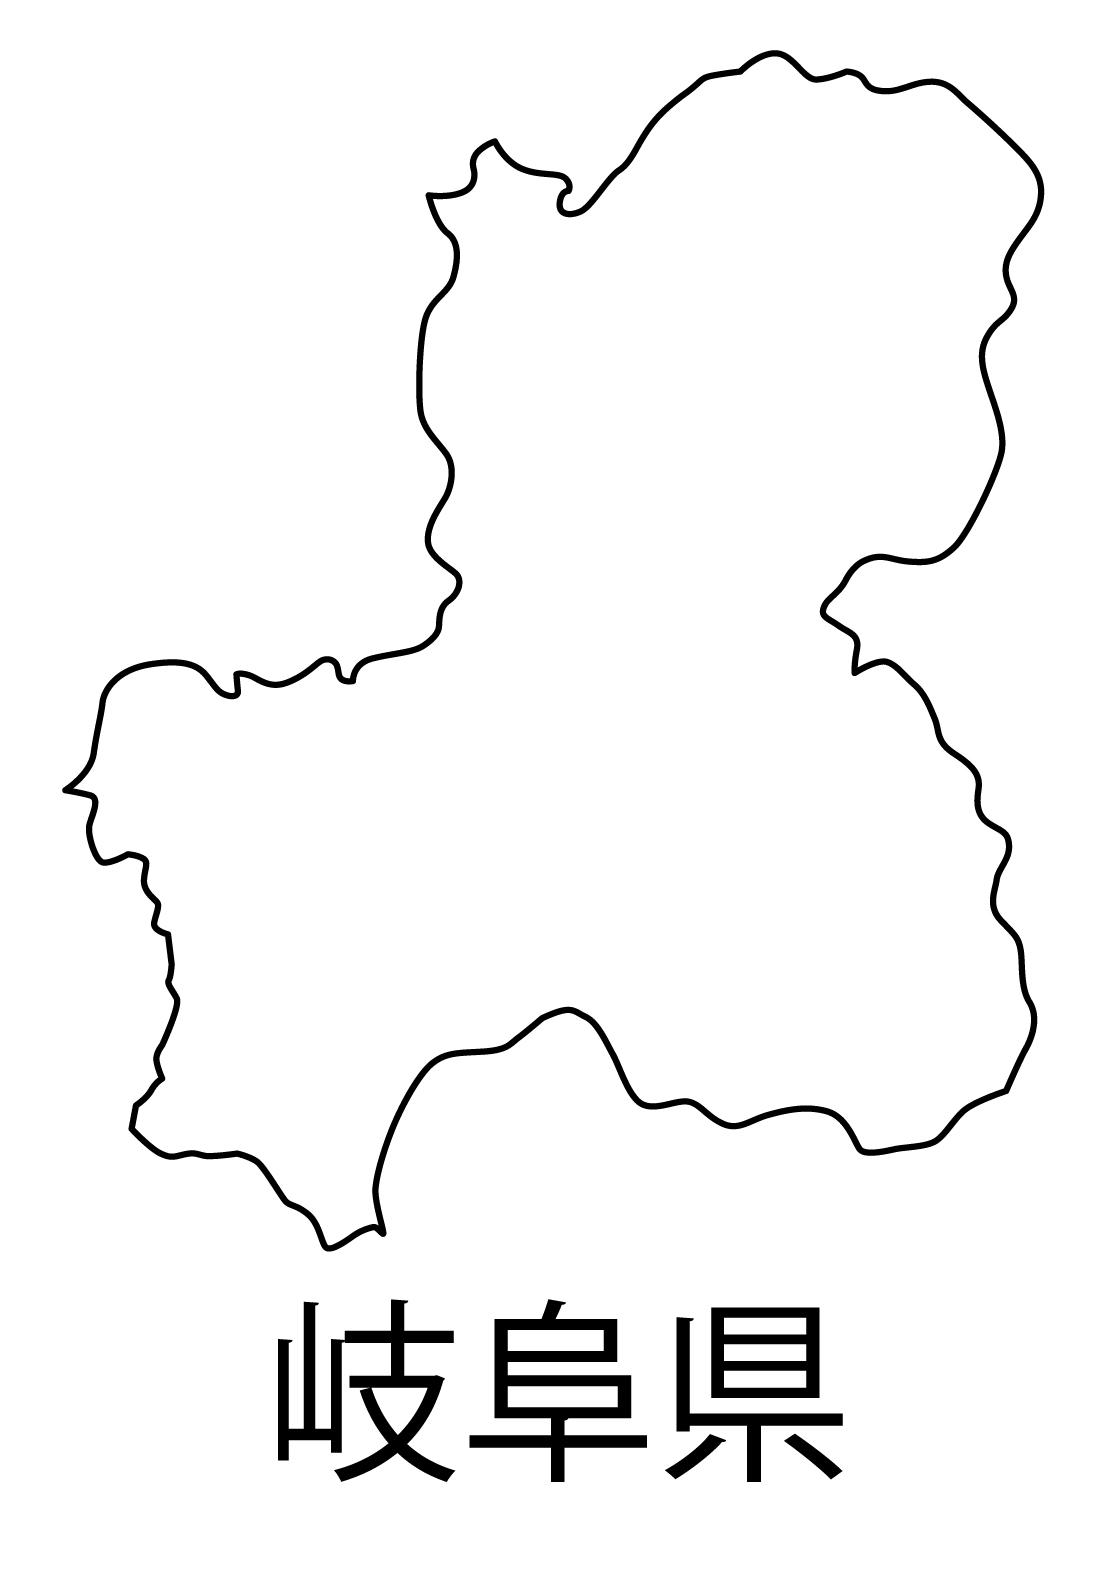 岐阜県無料フリーイラスト|日本語・都道府県名あり(白)